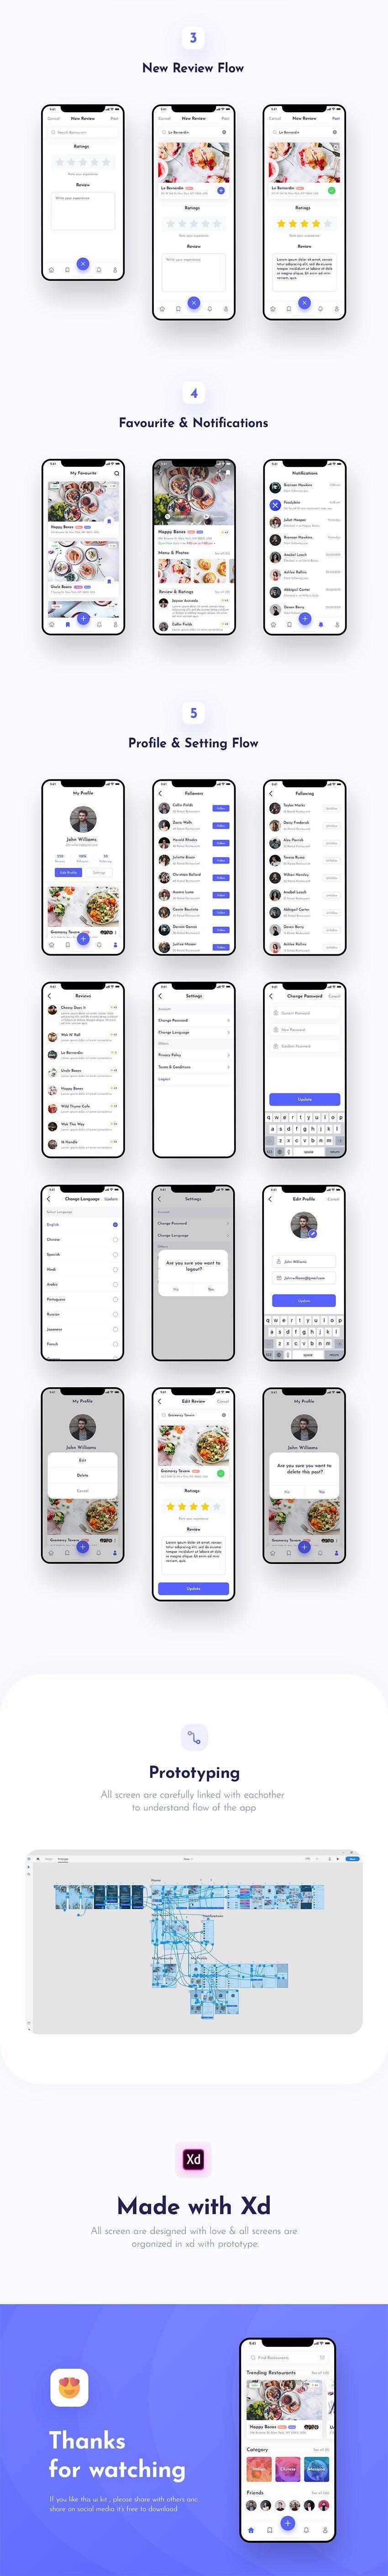 Foodybite XD UI Kit - 30 screens included